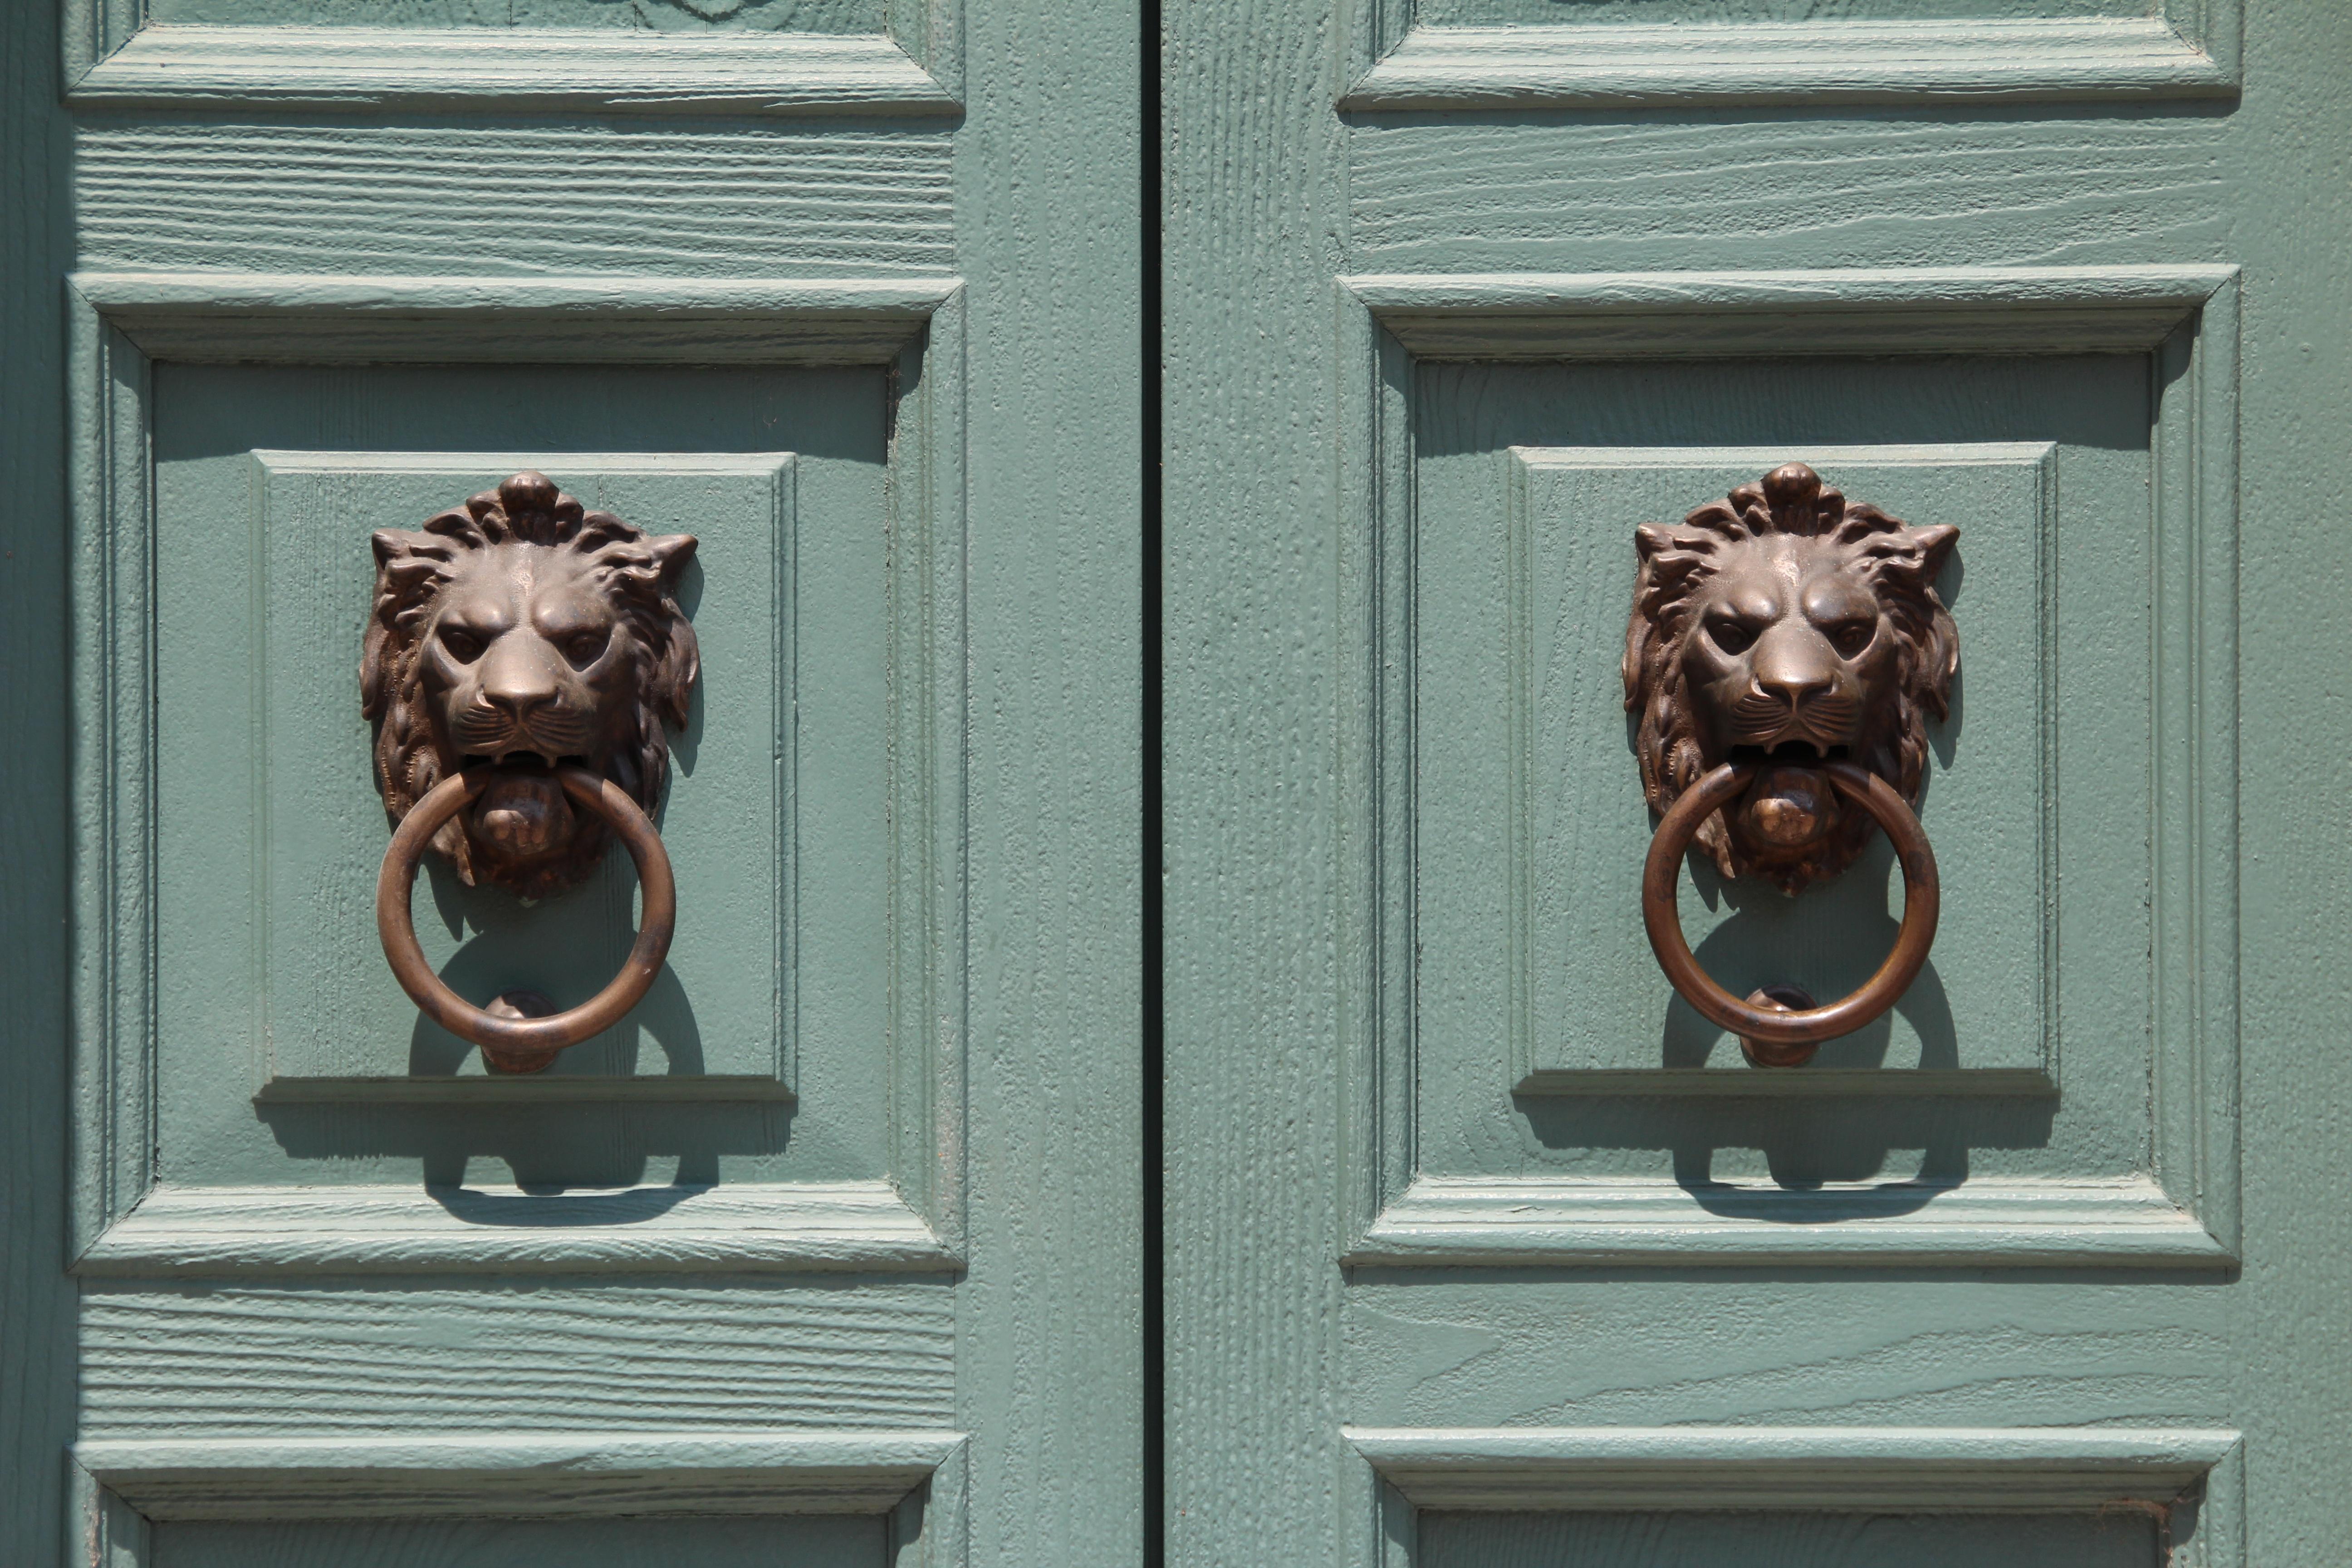 Free Images : wood, monument, statue, lion, sculpture, art, doors ...